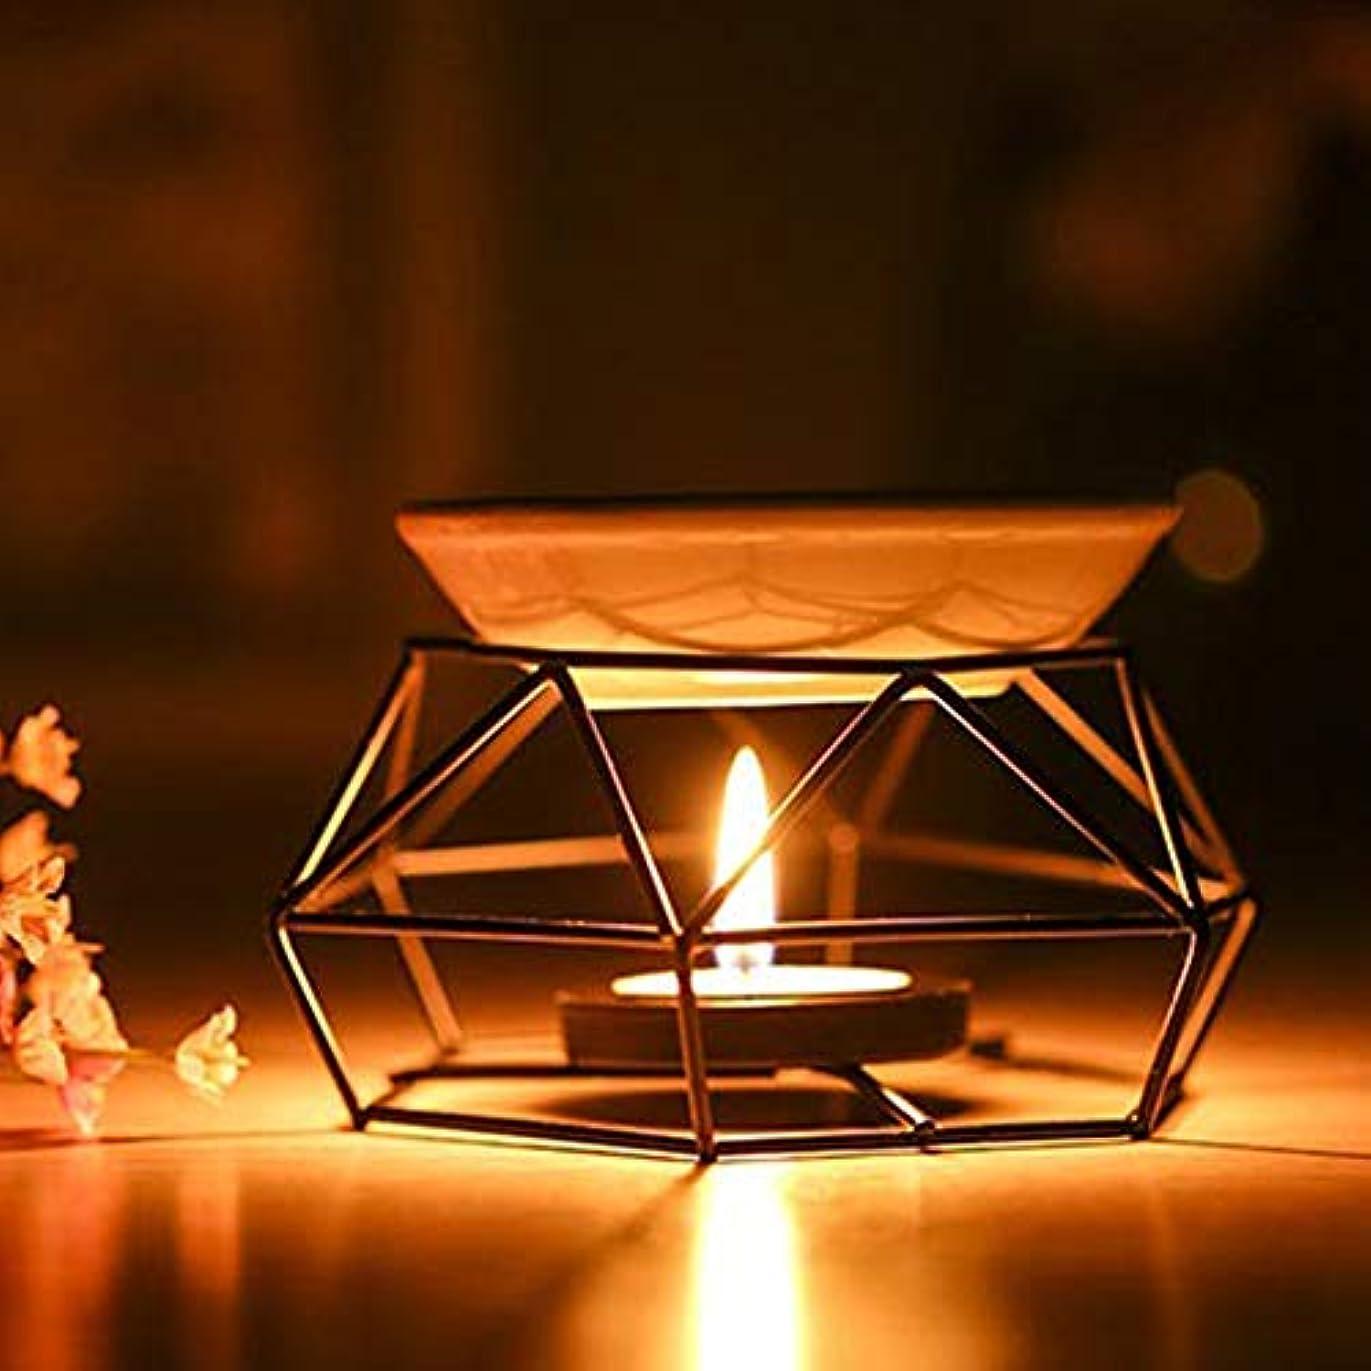 みすぼらしいオープナーフォアマンアロマディフューザーブラックオイルバーナーギフトヨガ屋内スパ鉄工芸品インテリアキャンドルアロマセラピー